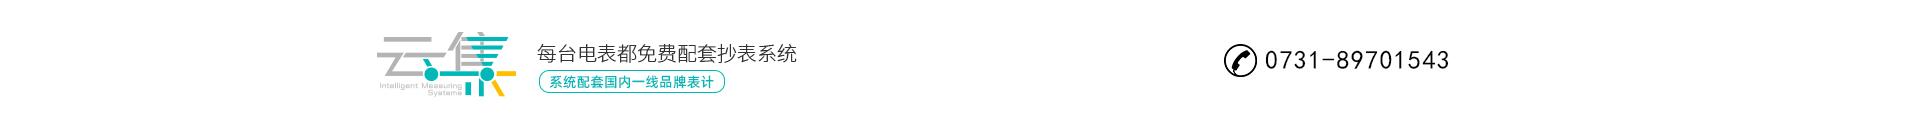 湖南云集云计算设备有限公司